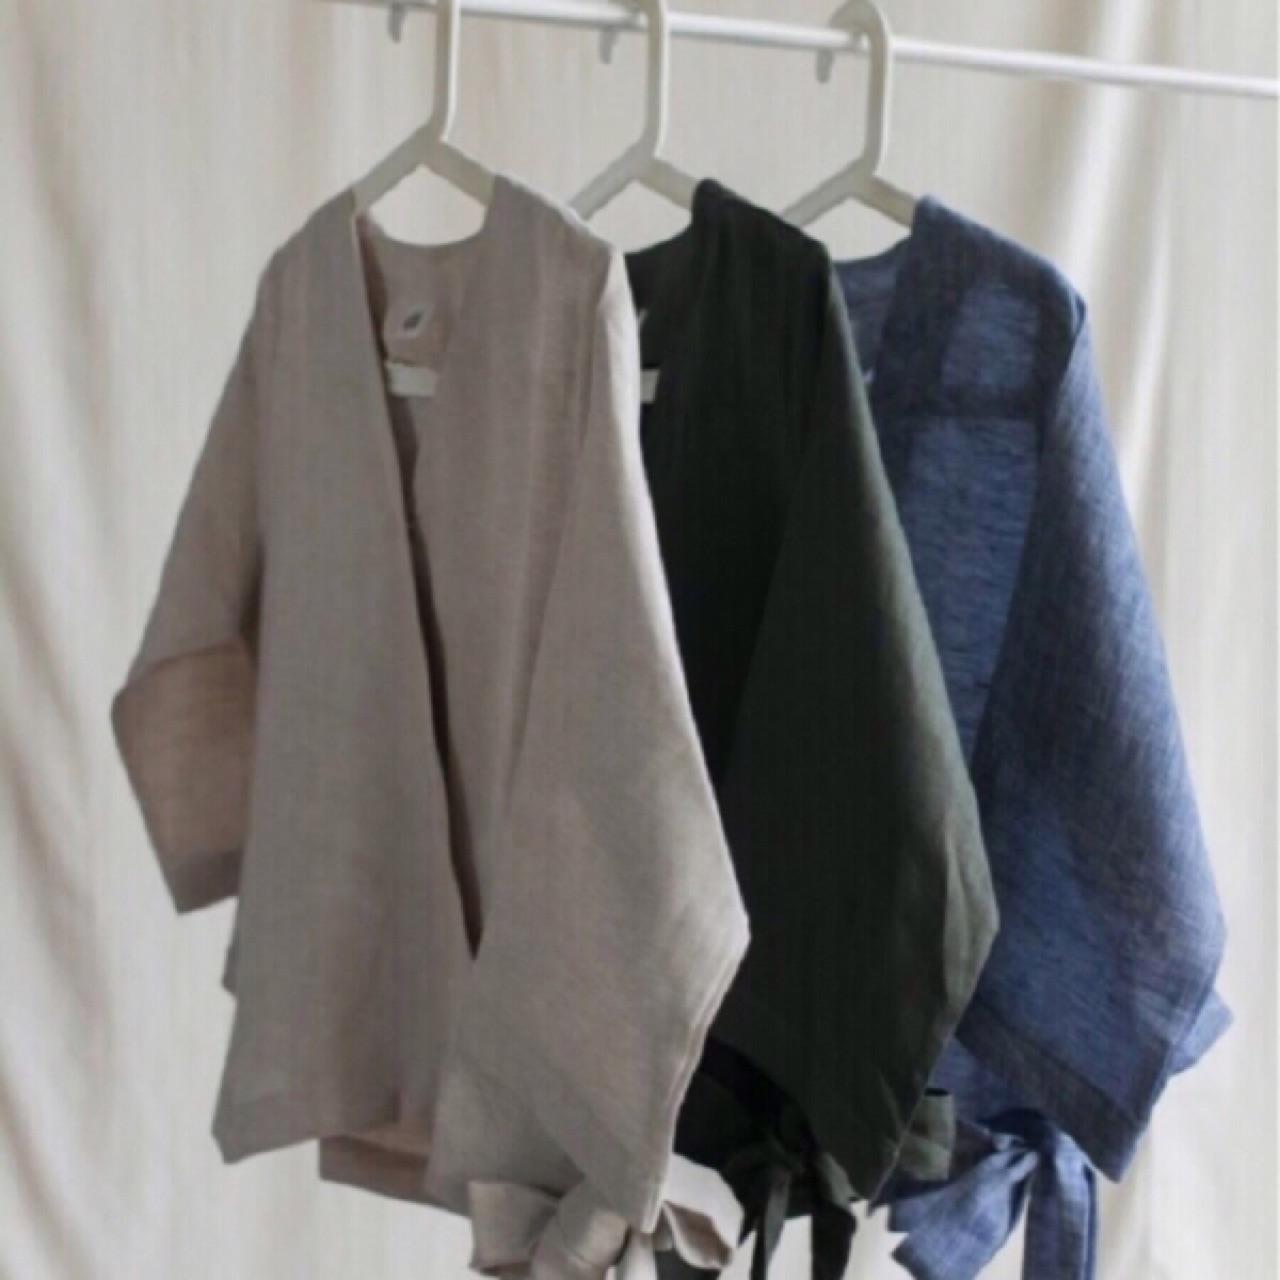 เสื้อผ้าผู้หญิง,เสื้อผู้หญิง,เสื้อคอวี,เสื้อแขนยาว